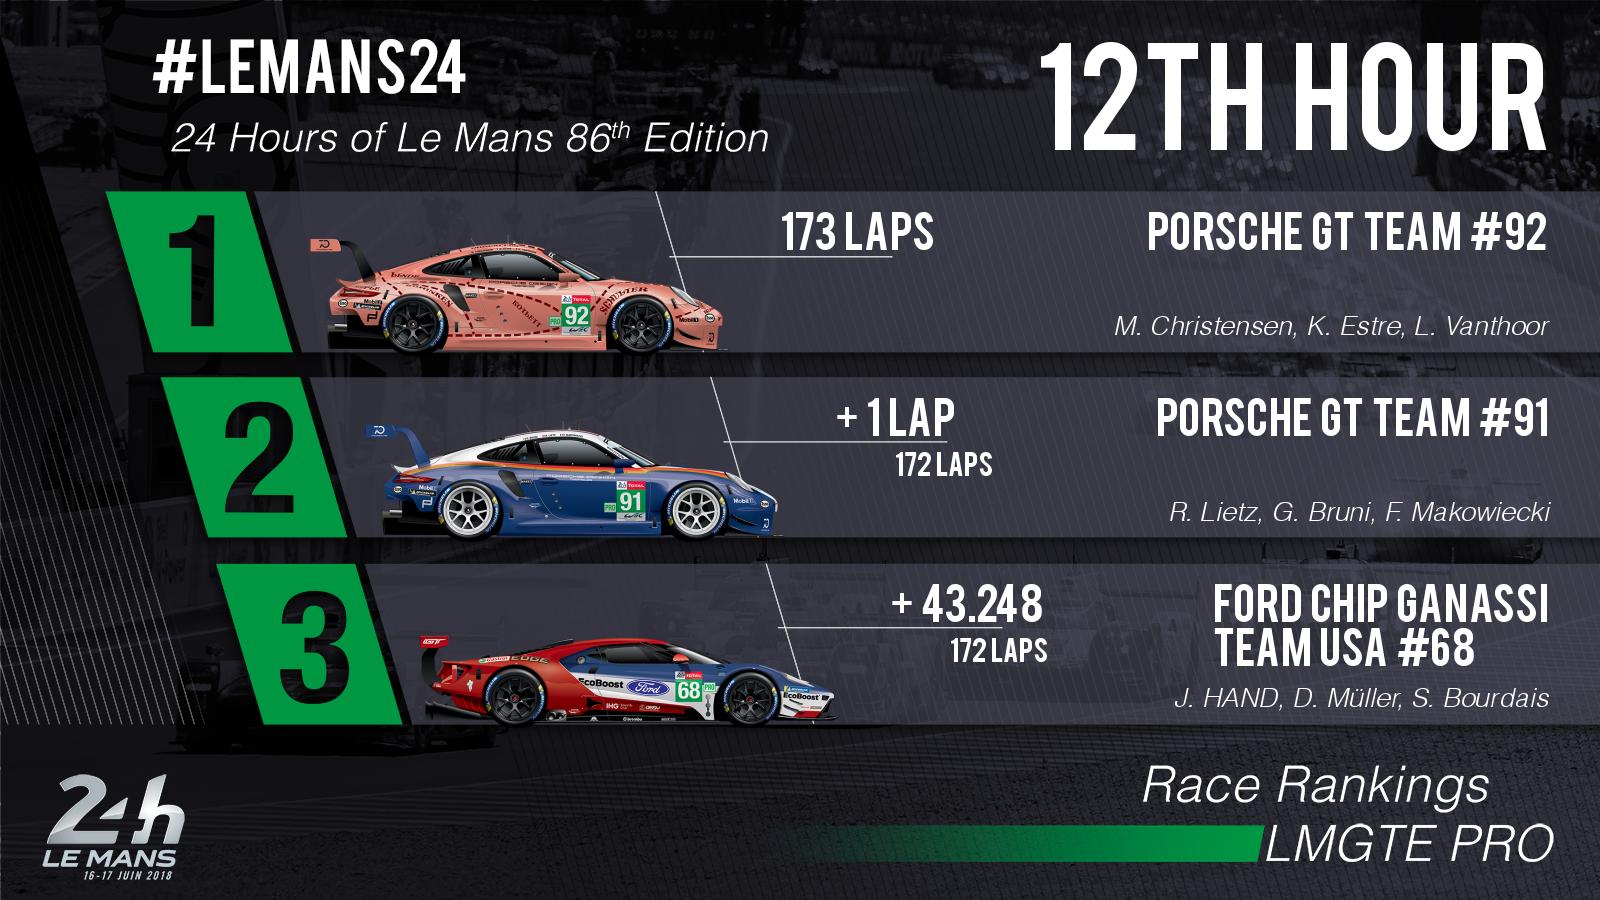 24 Horas de Le Mans 2018 - Página 3 5b25b2d52638a